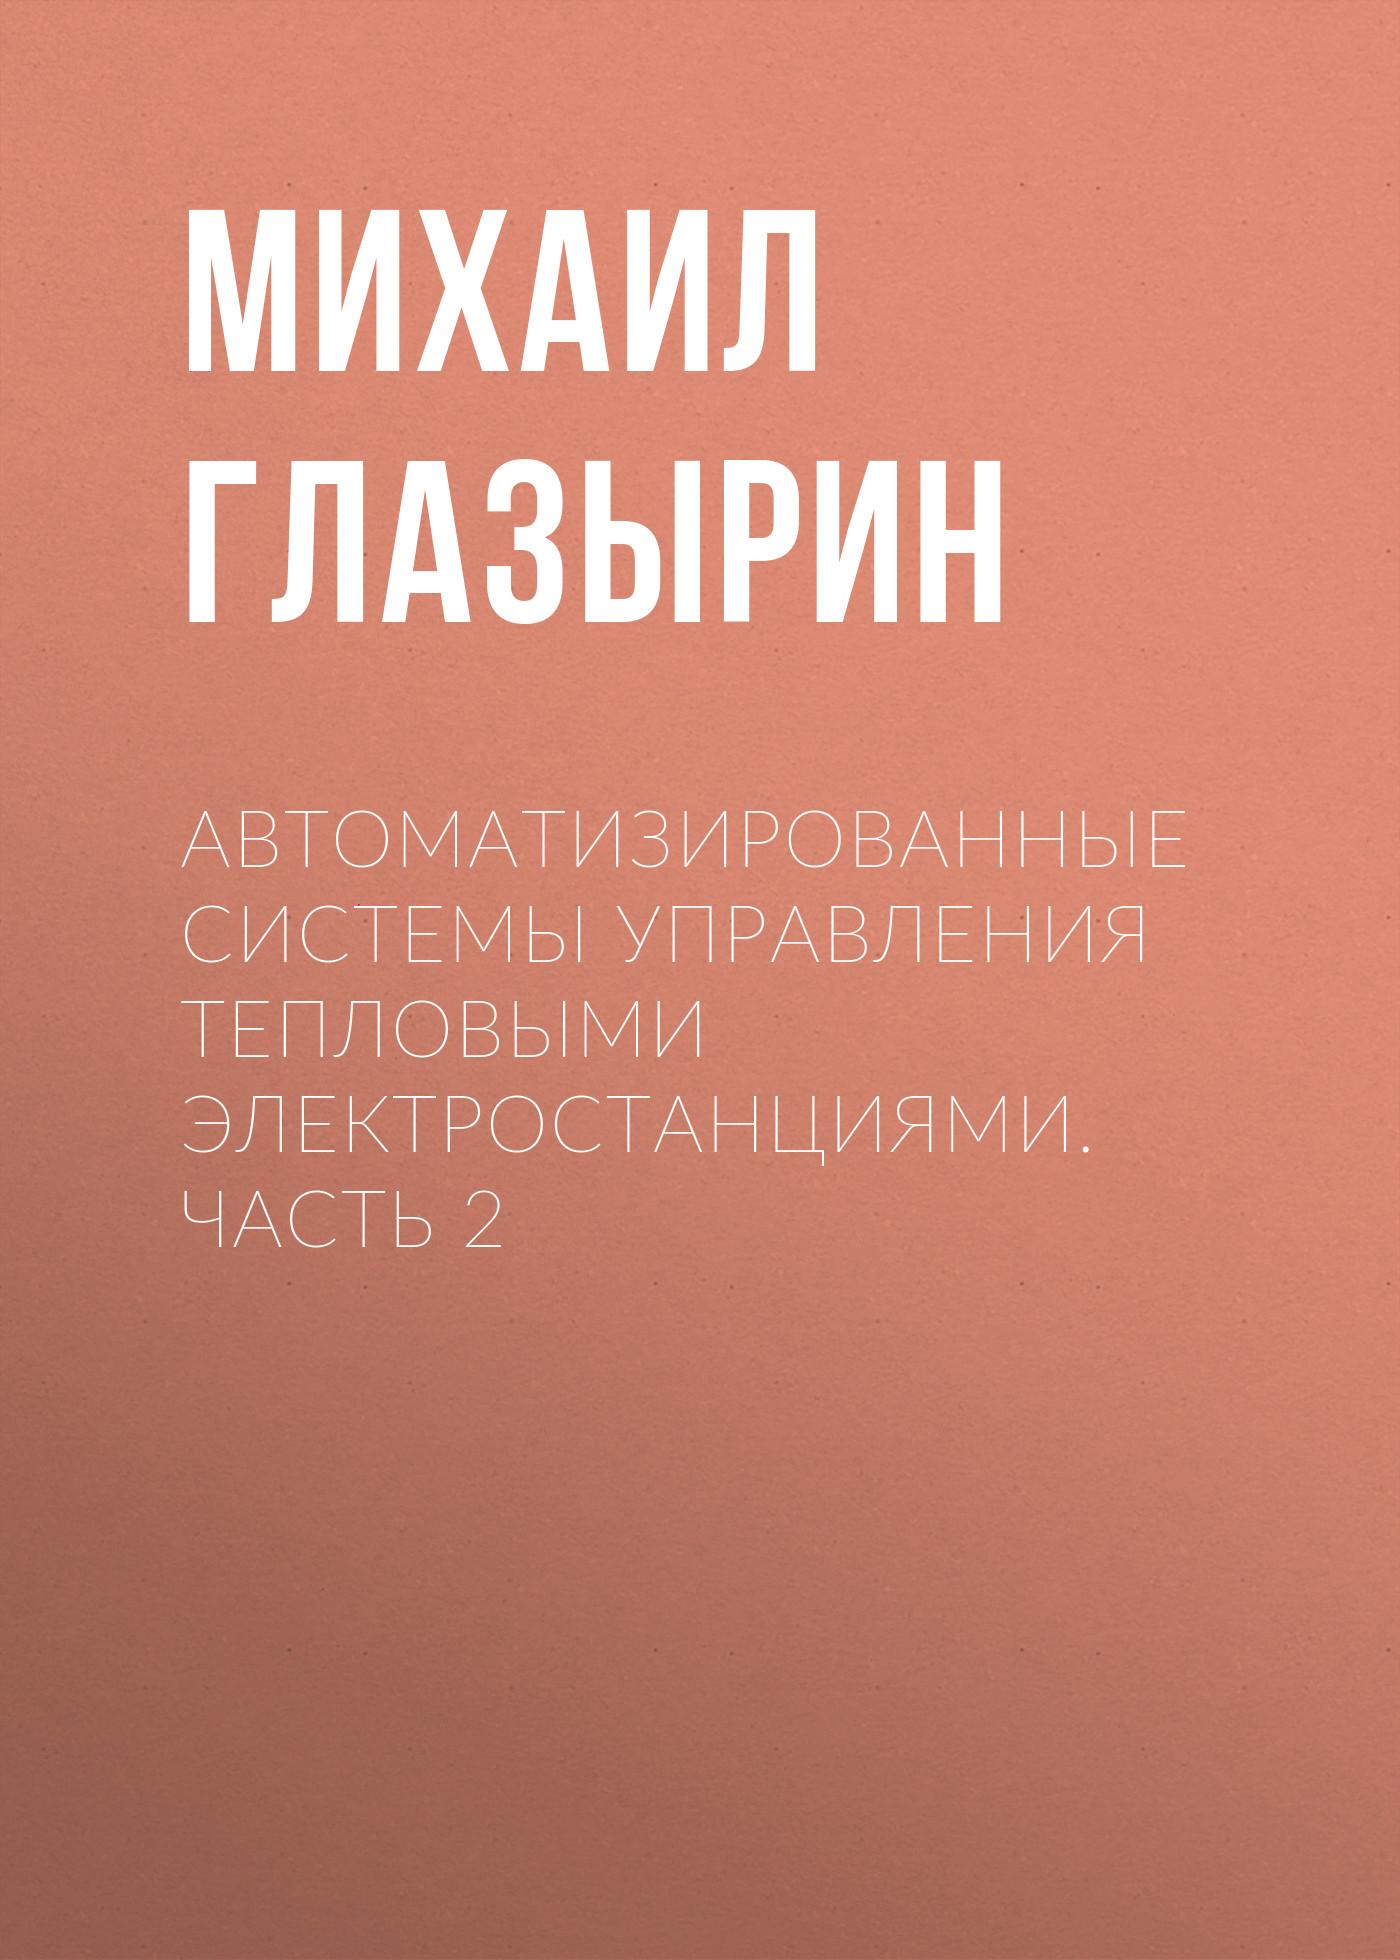 Михаил Глазырин Автоматизированные системы управления тепловыми электростанциями. Часть 2